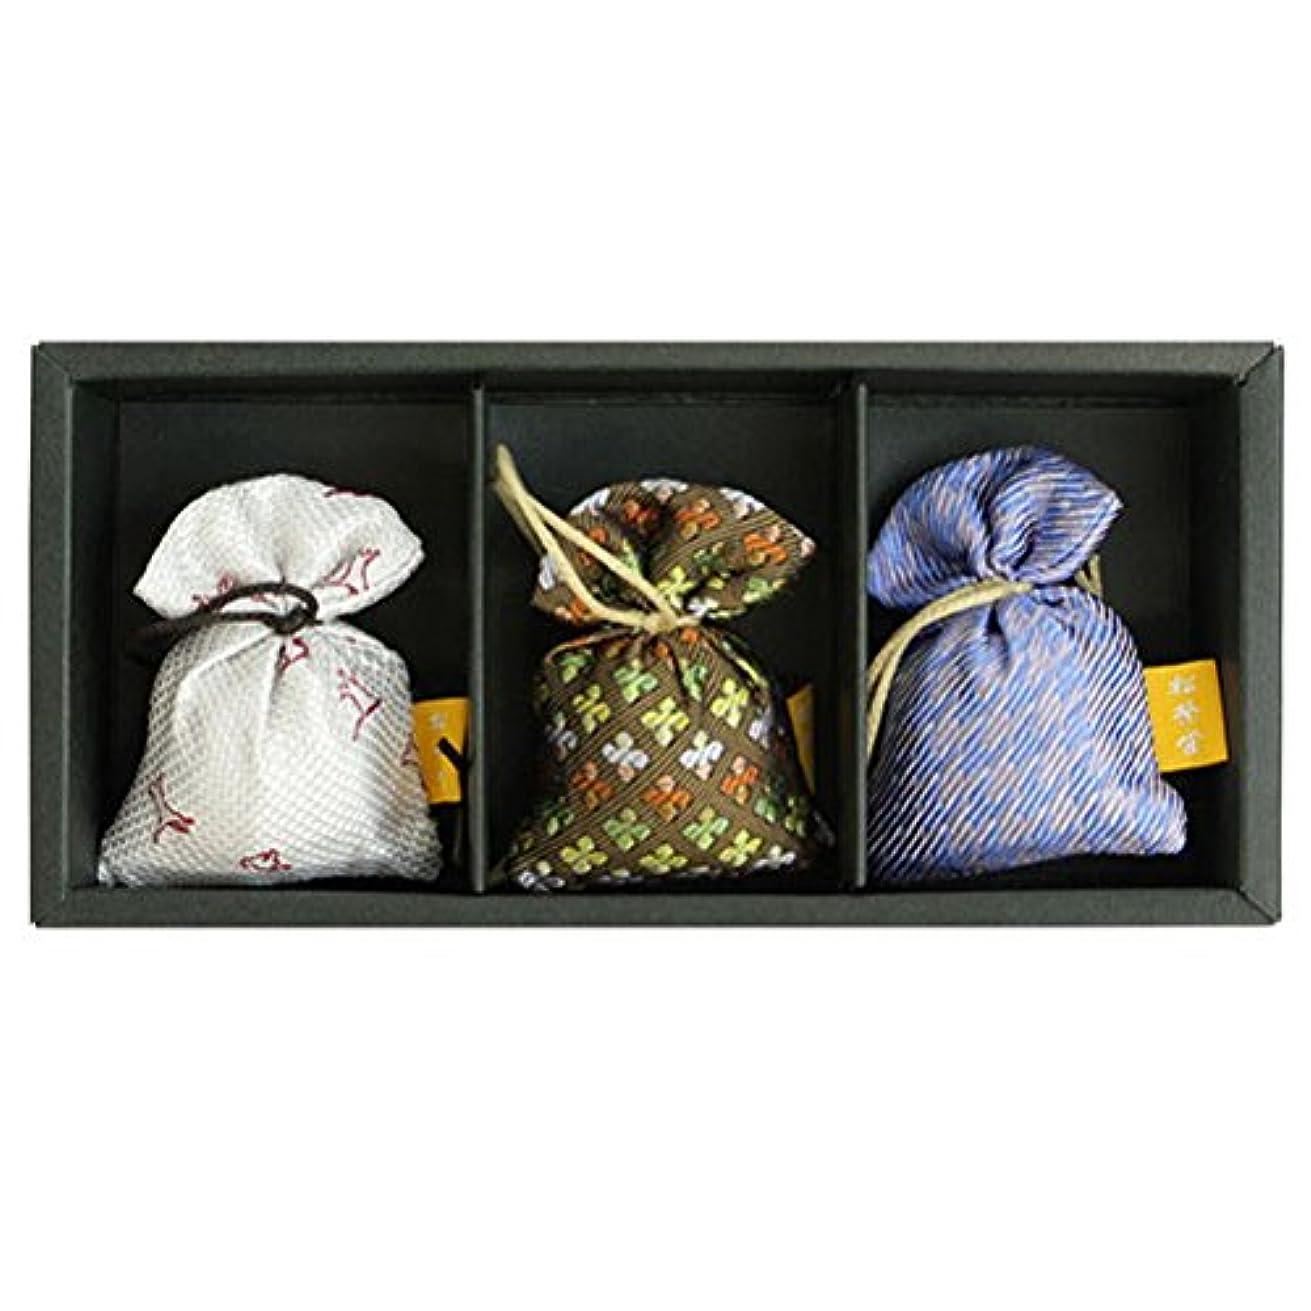 縞模様の漂流記述する匂い袋 誰が袖 薫 かおる 3個入 松栄堂 Shoyeido 本体長さ60mm (色?柄は選べません)